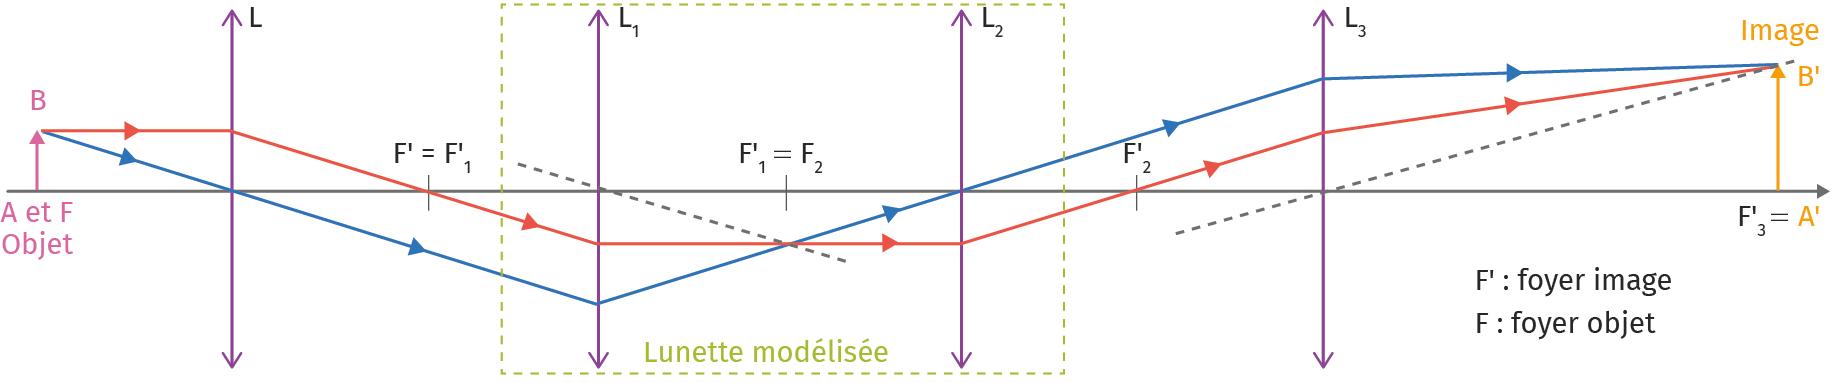 PC Tle - chapitre 19 - Lunette astronomique - Activité expérimentale - Doc 3 - Montage de mesure du grossissement d'une lunette